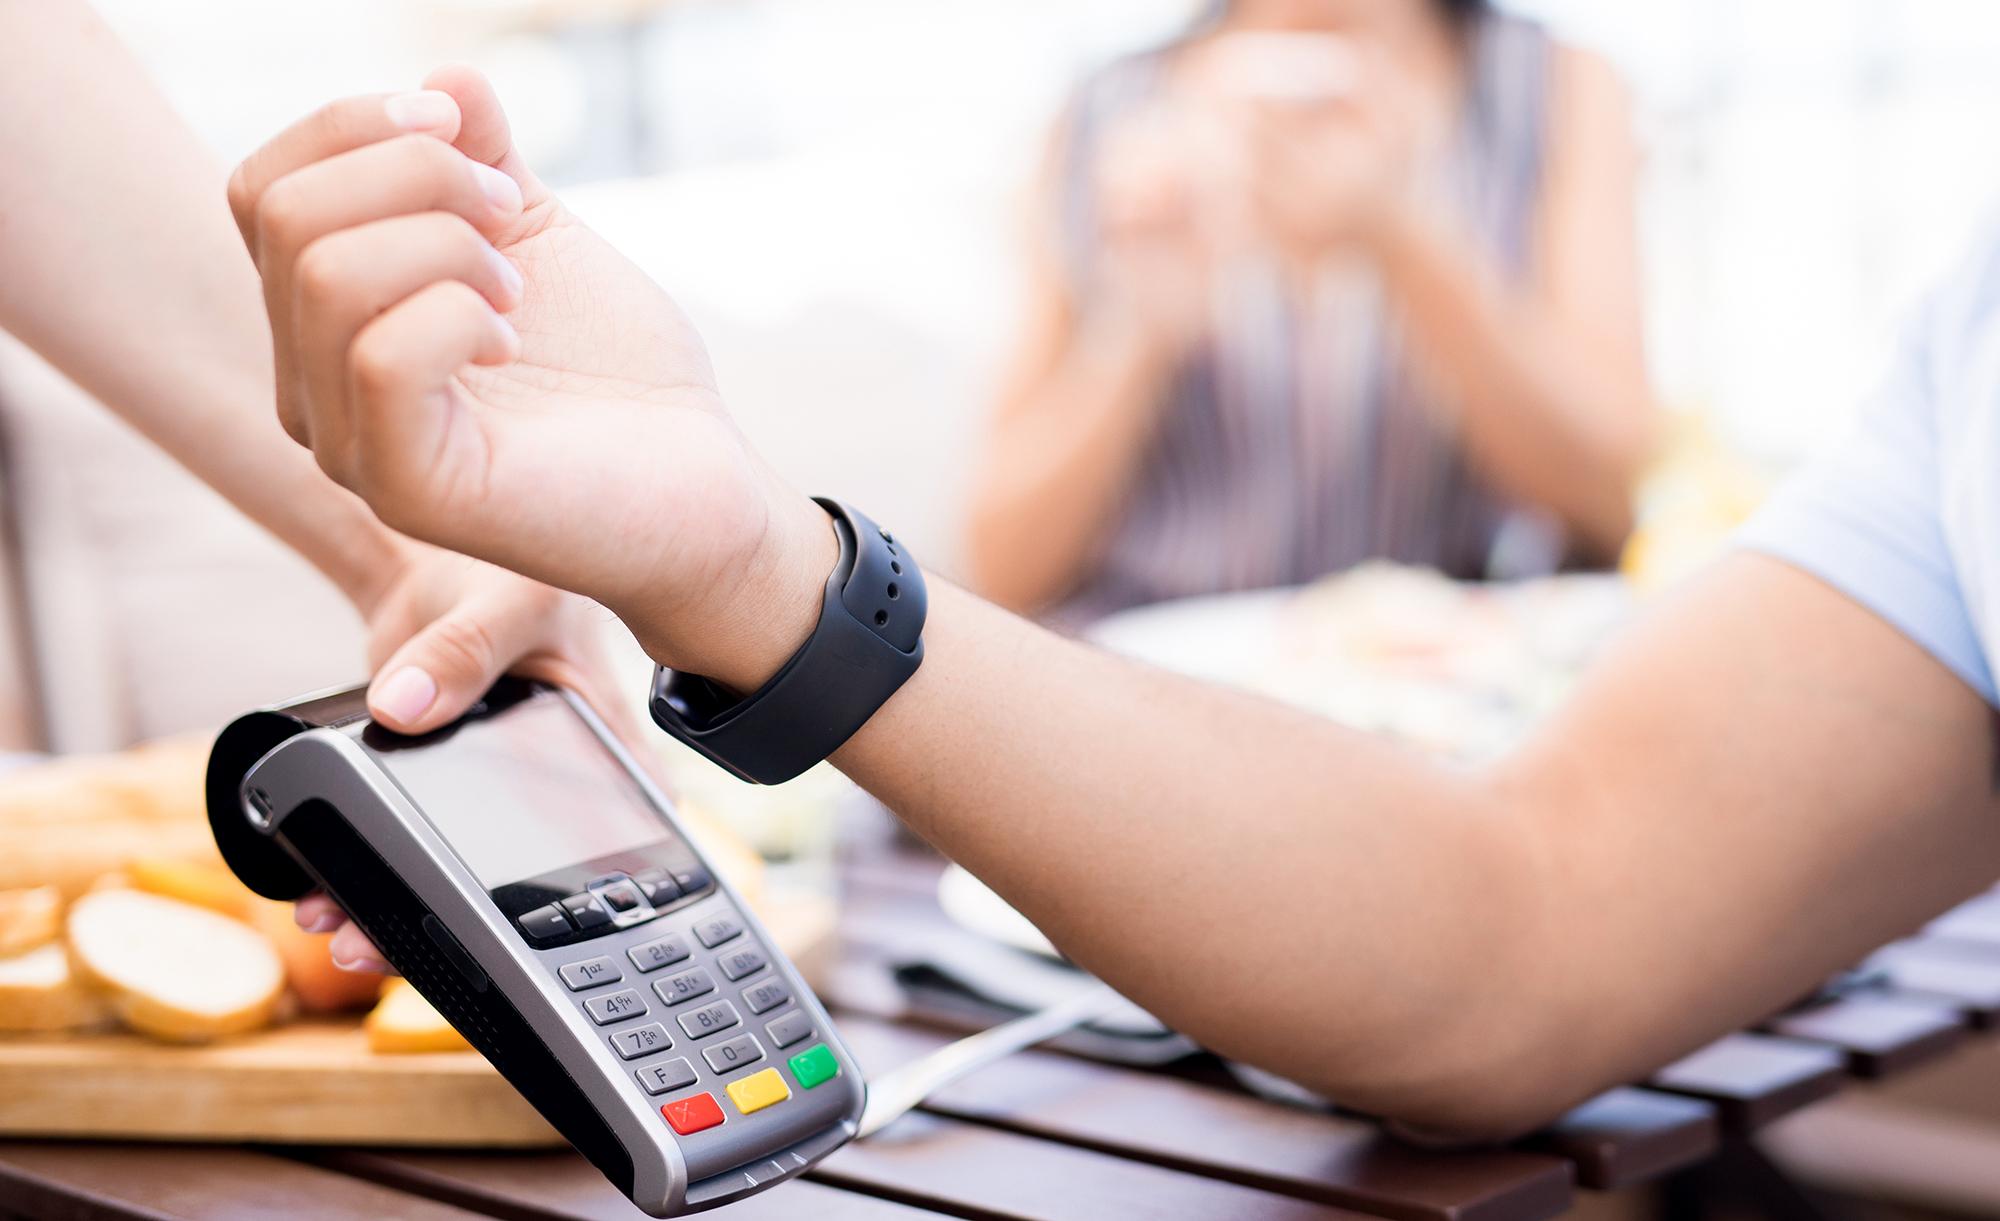 qué es un smartwatch